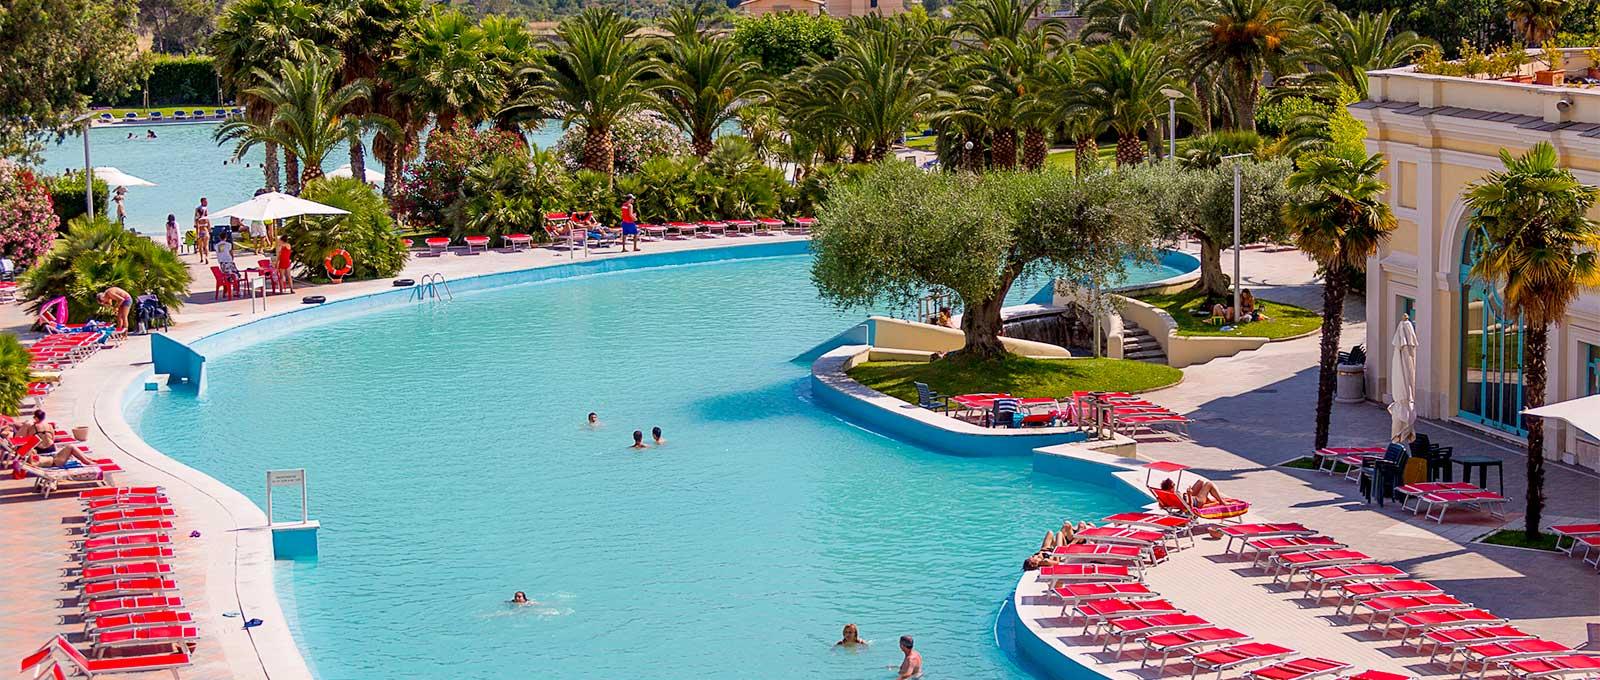 Hotel termale nel lazio con 6000 mq di bagni e piscine di - Terme bagni di tivoli orari e prezzi ...